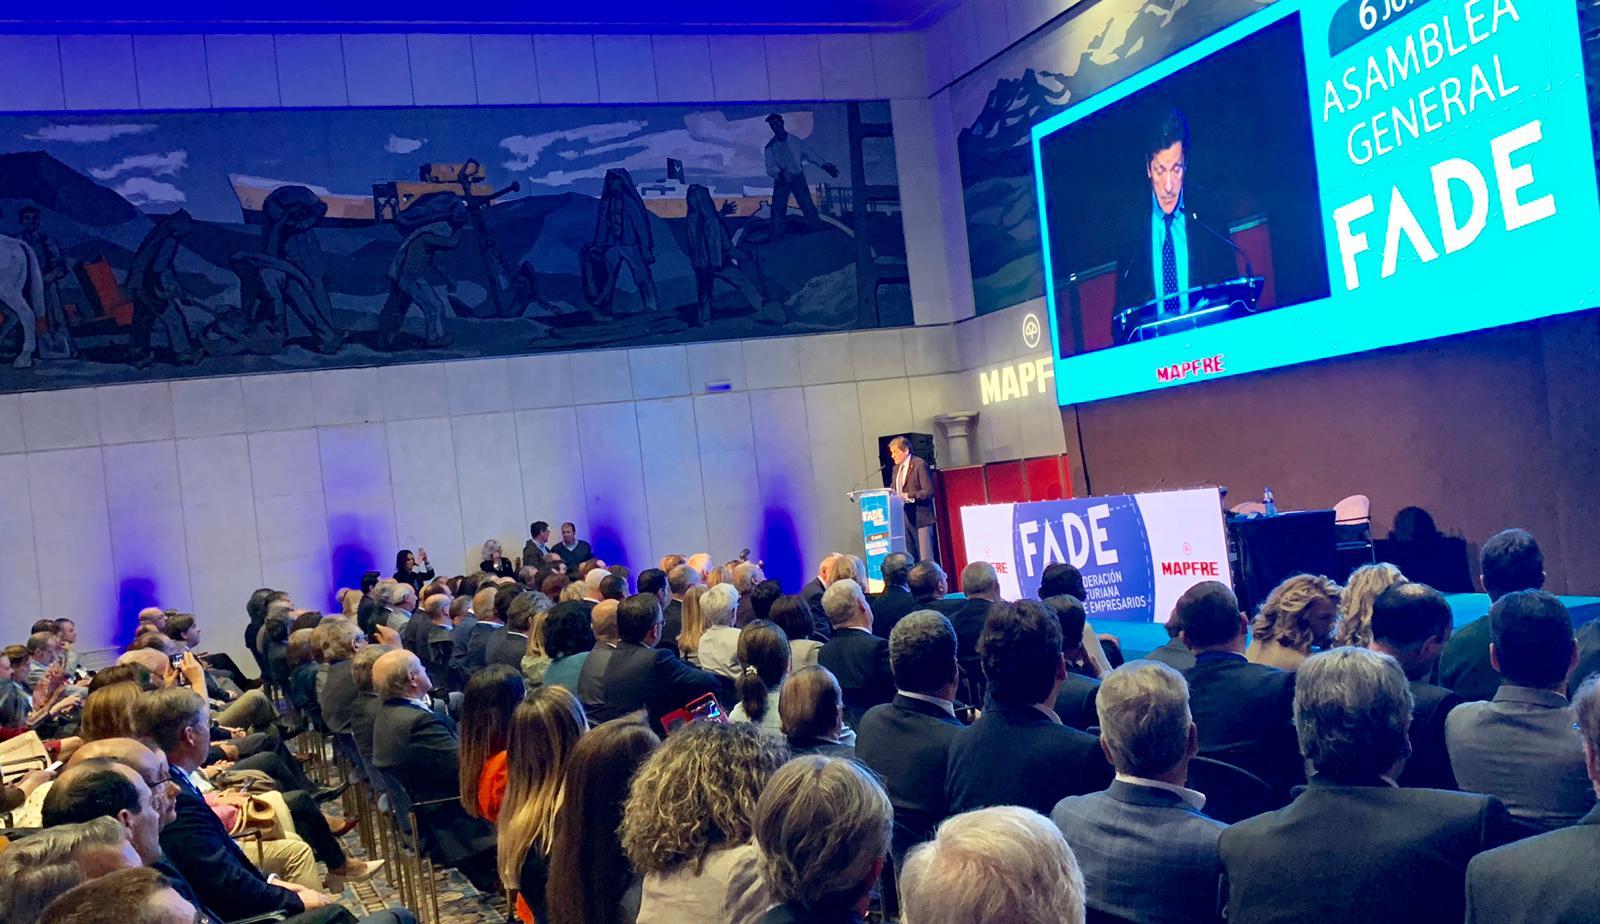 Fenitel participa en la Asamblea General de la Federación Asturiana de Empresarios 4 Una delegación de nuestra Federación asistió a la Asamblea General Anual de la Federación Asturiana de Empresarios, que fue clausurada por el presidente de